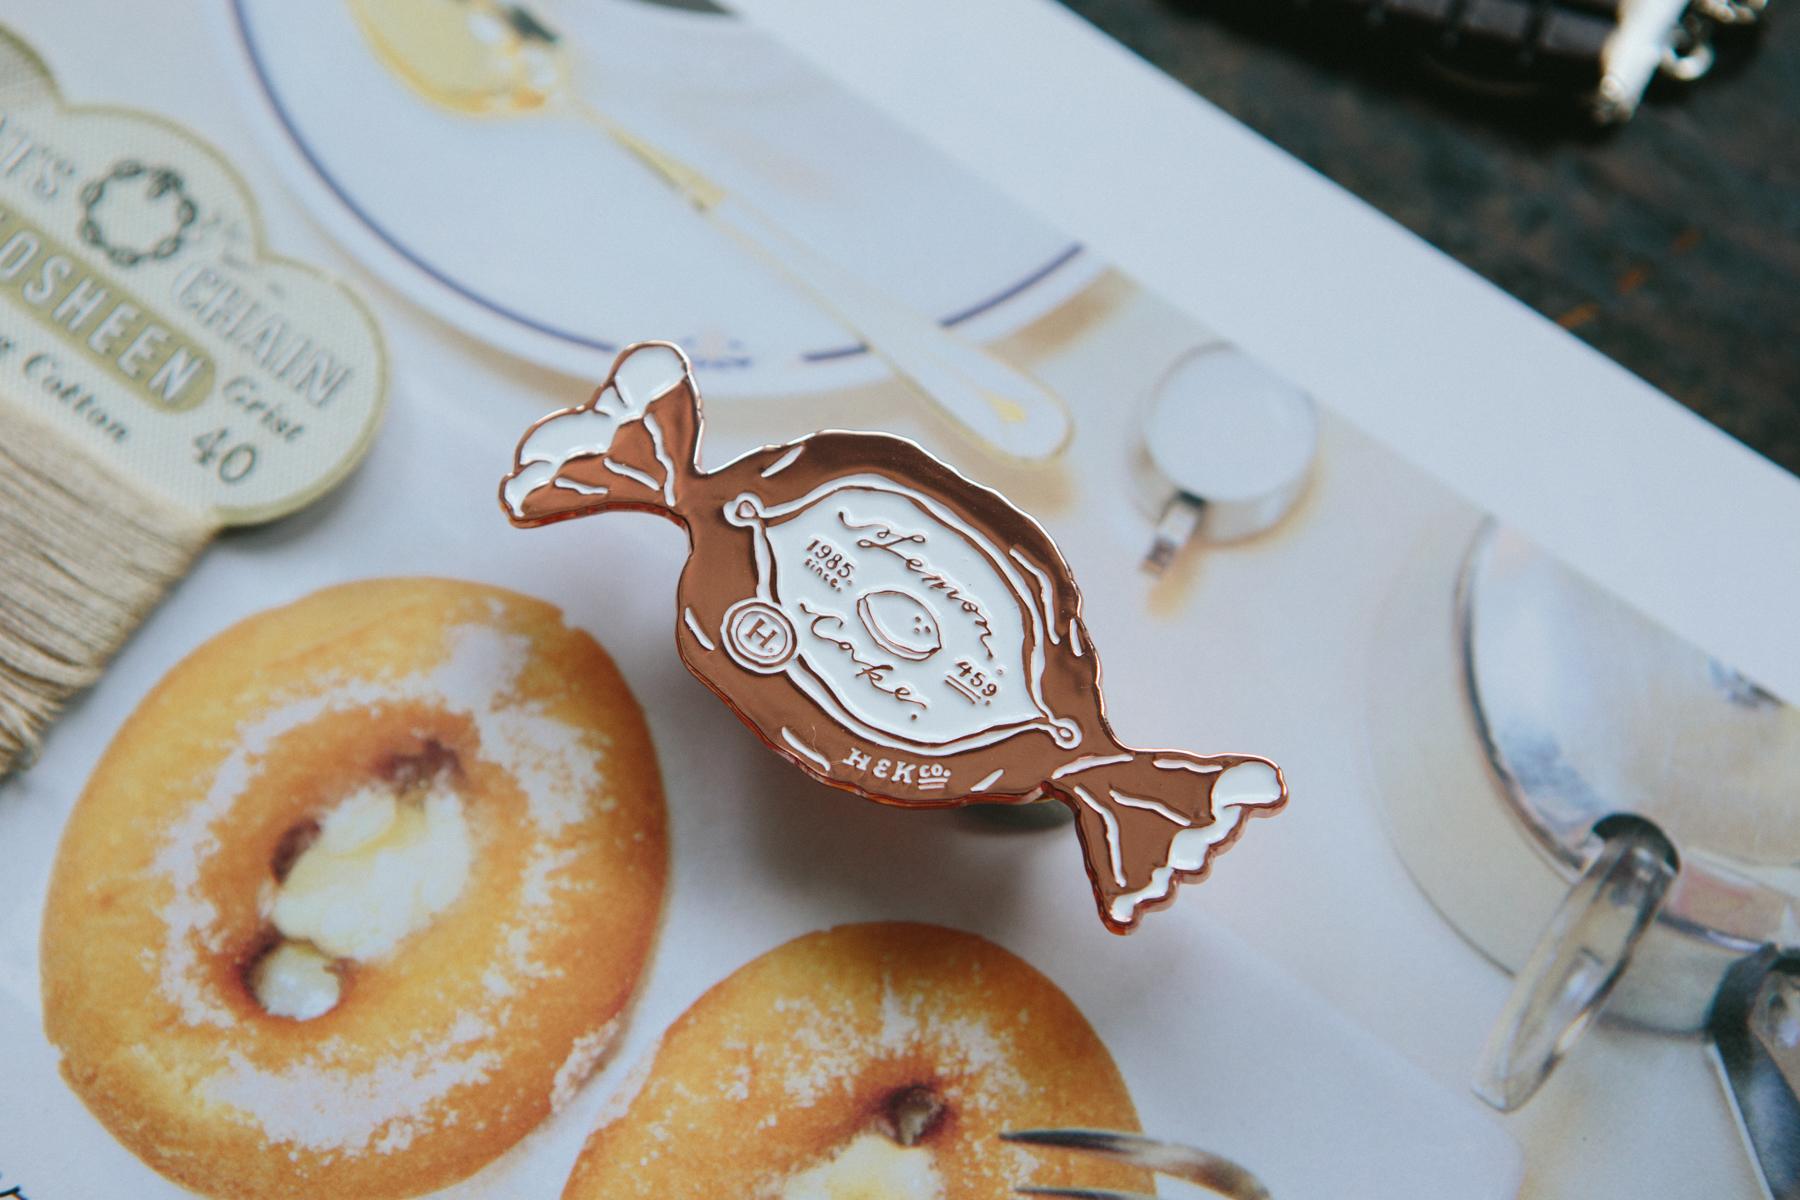 OURS 抽屜之中 檸檬蛋糕 金屬 徽章